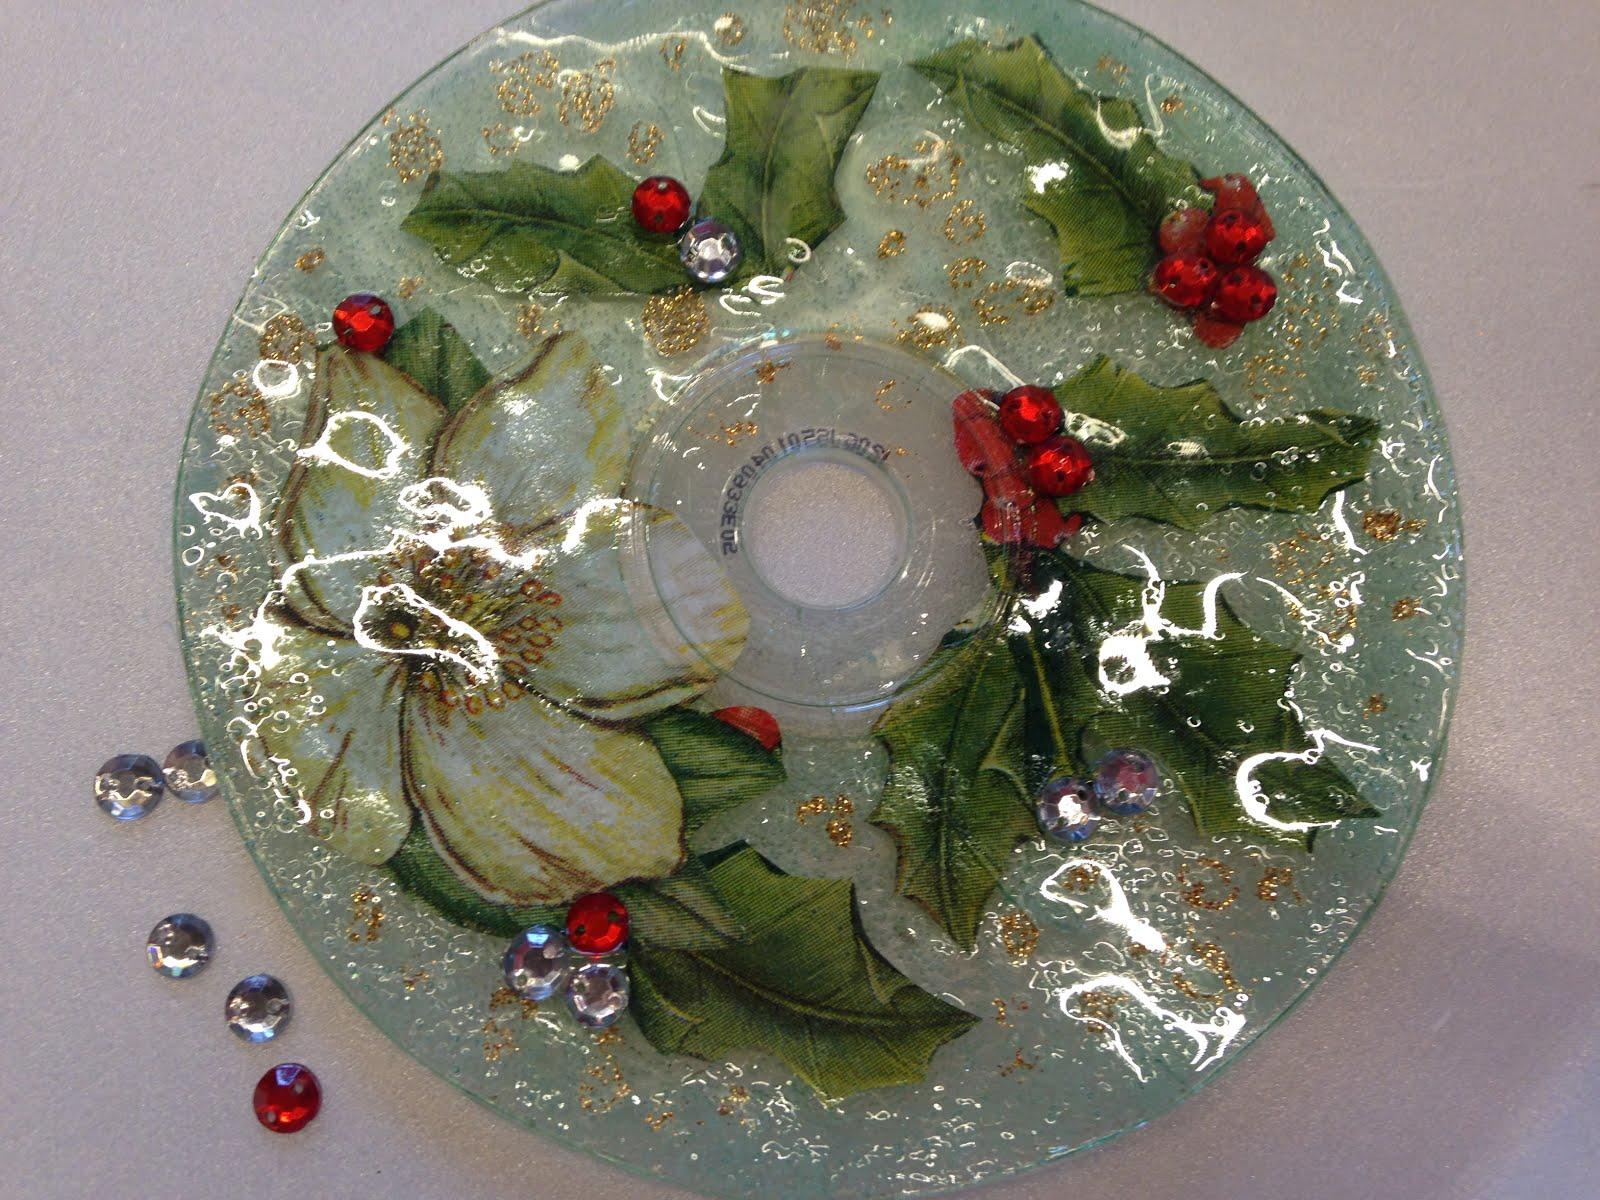 En las fotos se puede apreciar la transparencia y las for Cd reciclados decoracion